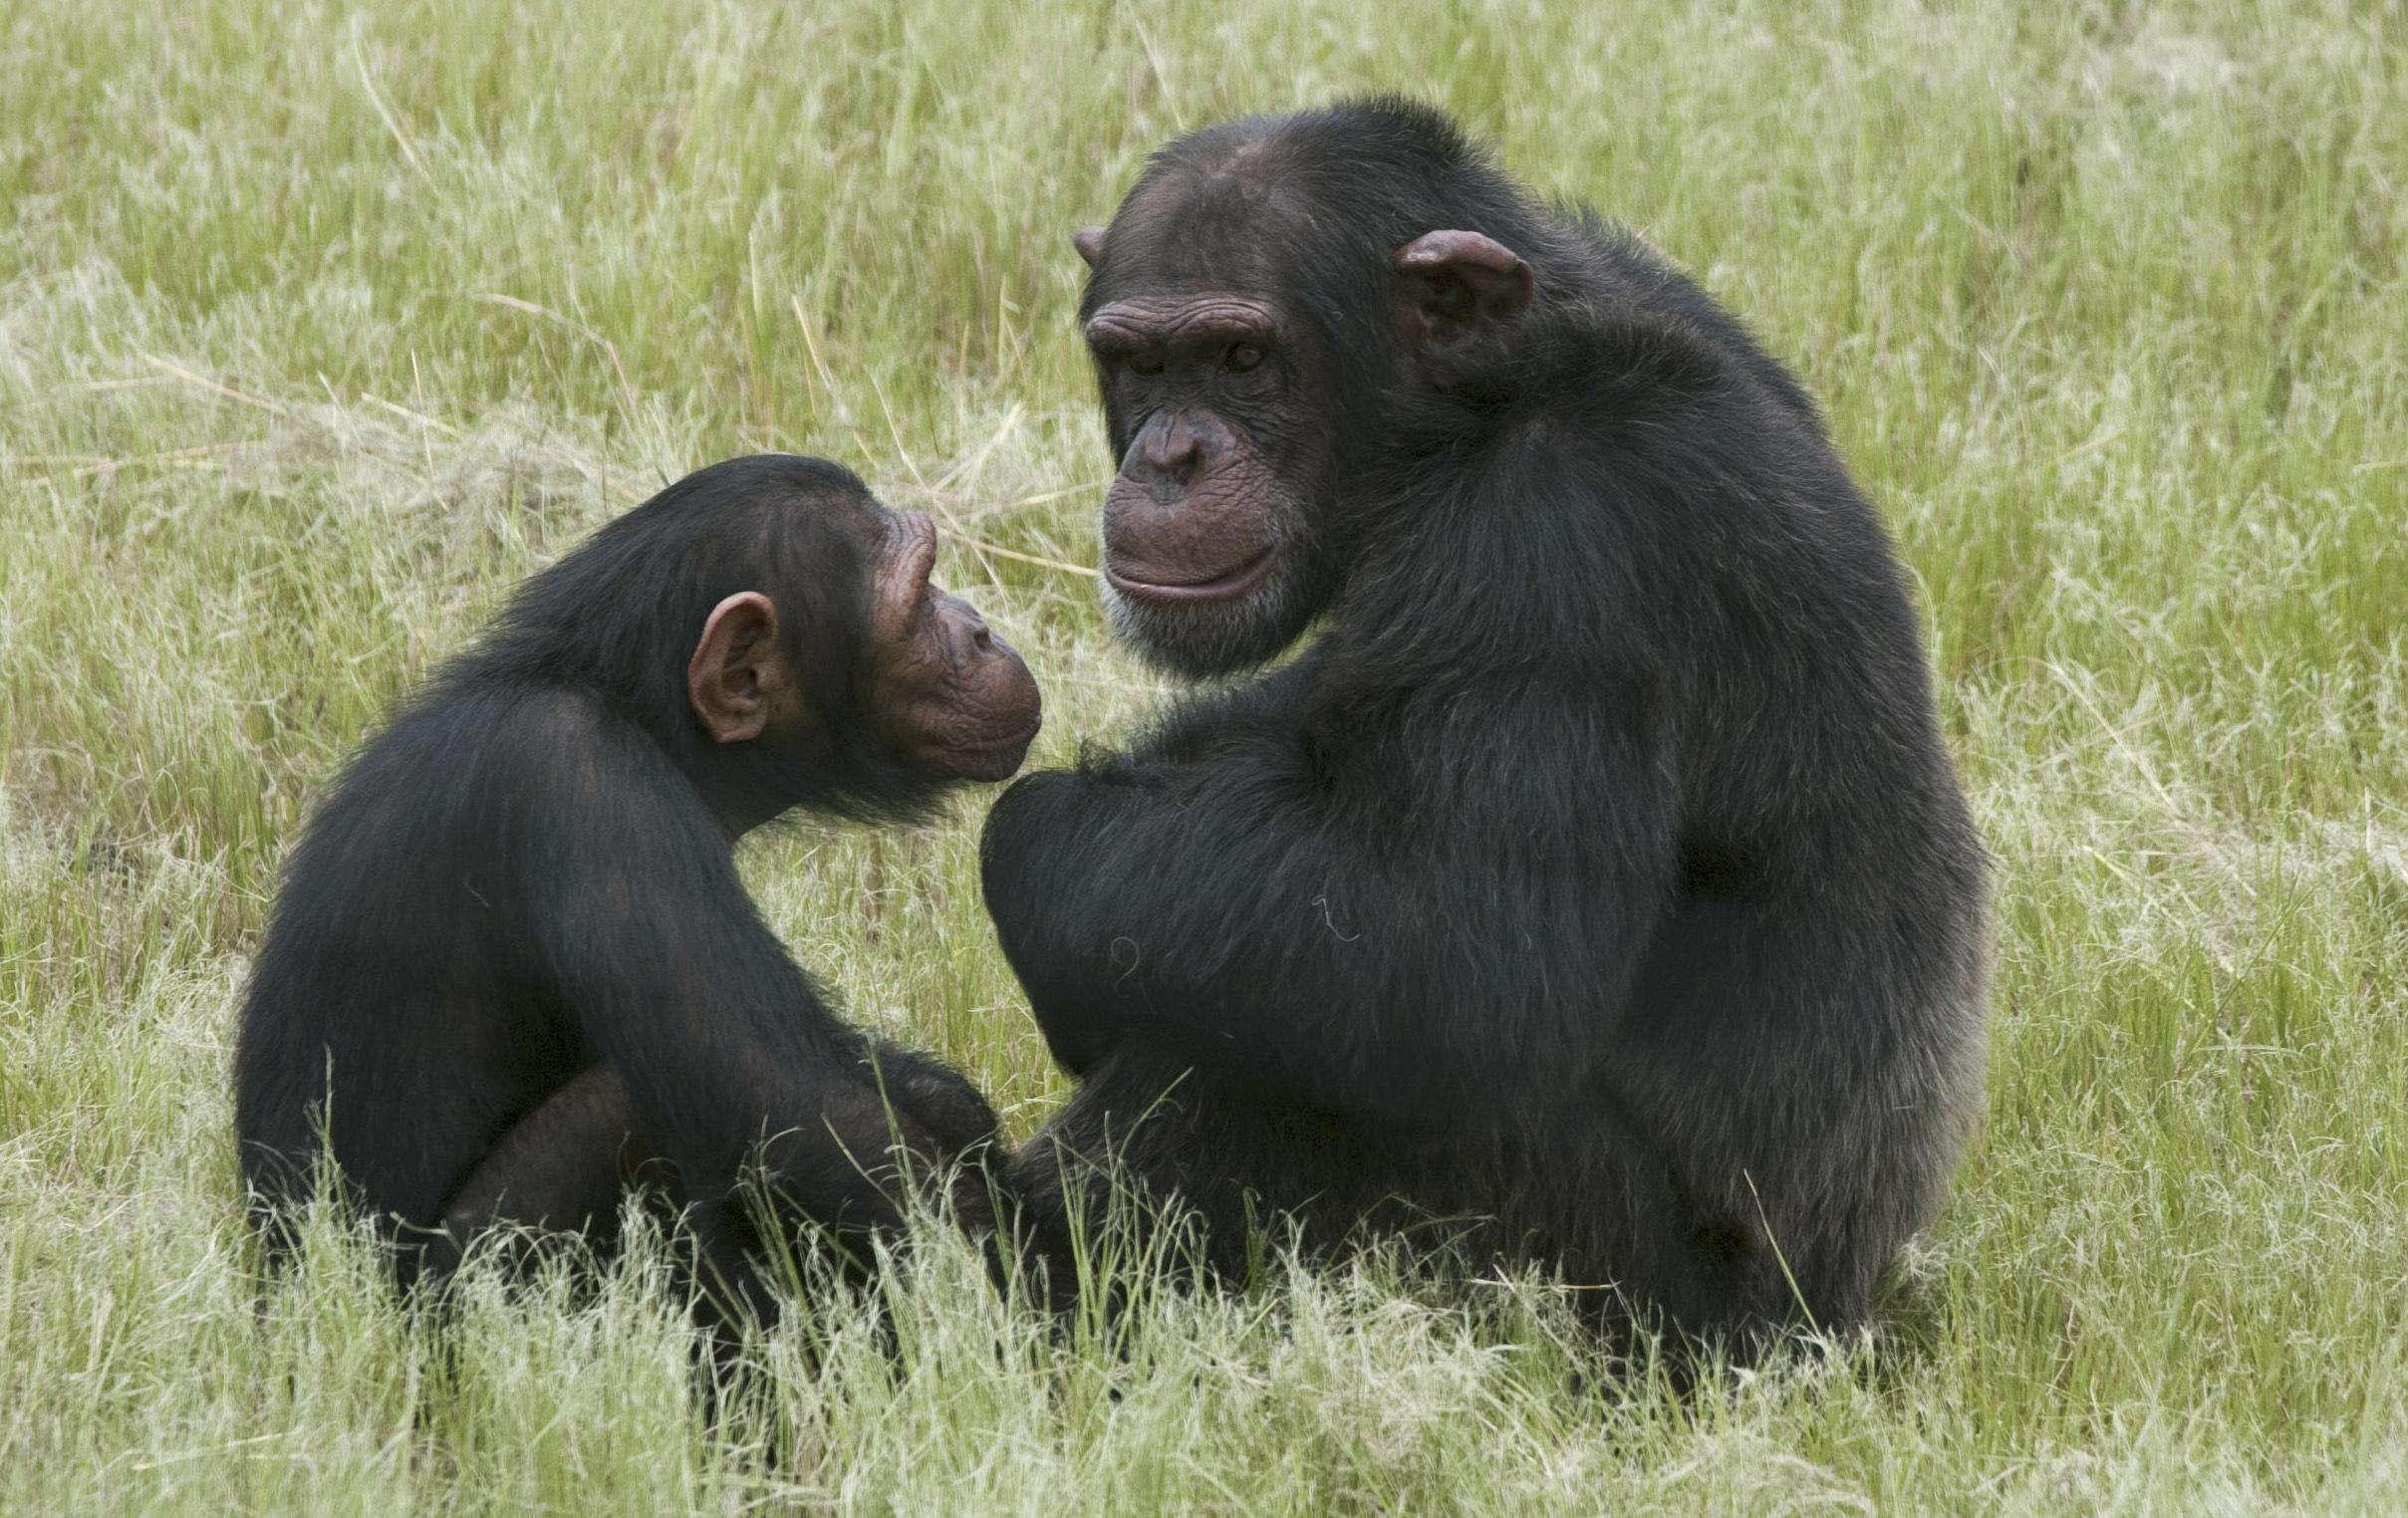 En esta foto de archivo del 1 de febrero de 2011 se observa a un par de chimpancés sentados en el centro de rehabilitación Chimpanzee Eden, cerca de Nelspruit, Sudáfrica. Suena como una broma, pero hay pruebas de que chimpancés y otros grandes simios también sufren crisis de la mediana edad, según un estudio publicado el lunes 19 de noviembre de 2012 en una revista científica que puede arrojar luz sobre la vida emocional de los seres humanos. Foto: Erin Conway-Smith, Archivo/AP